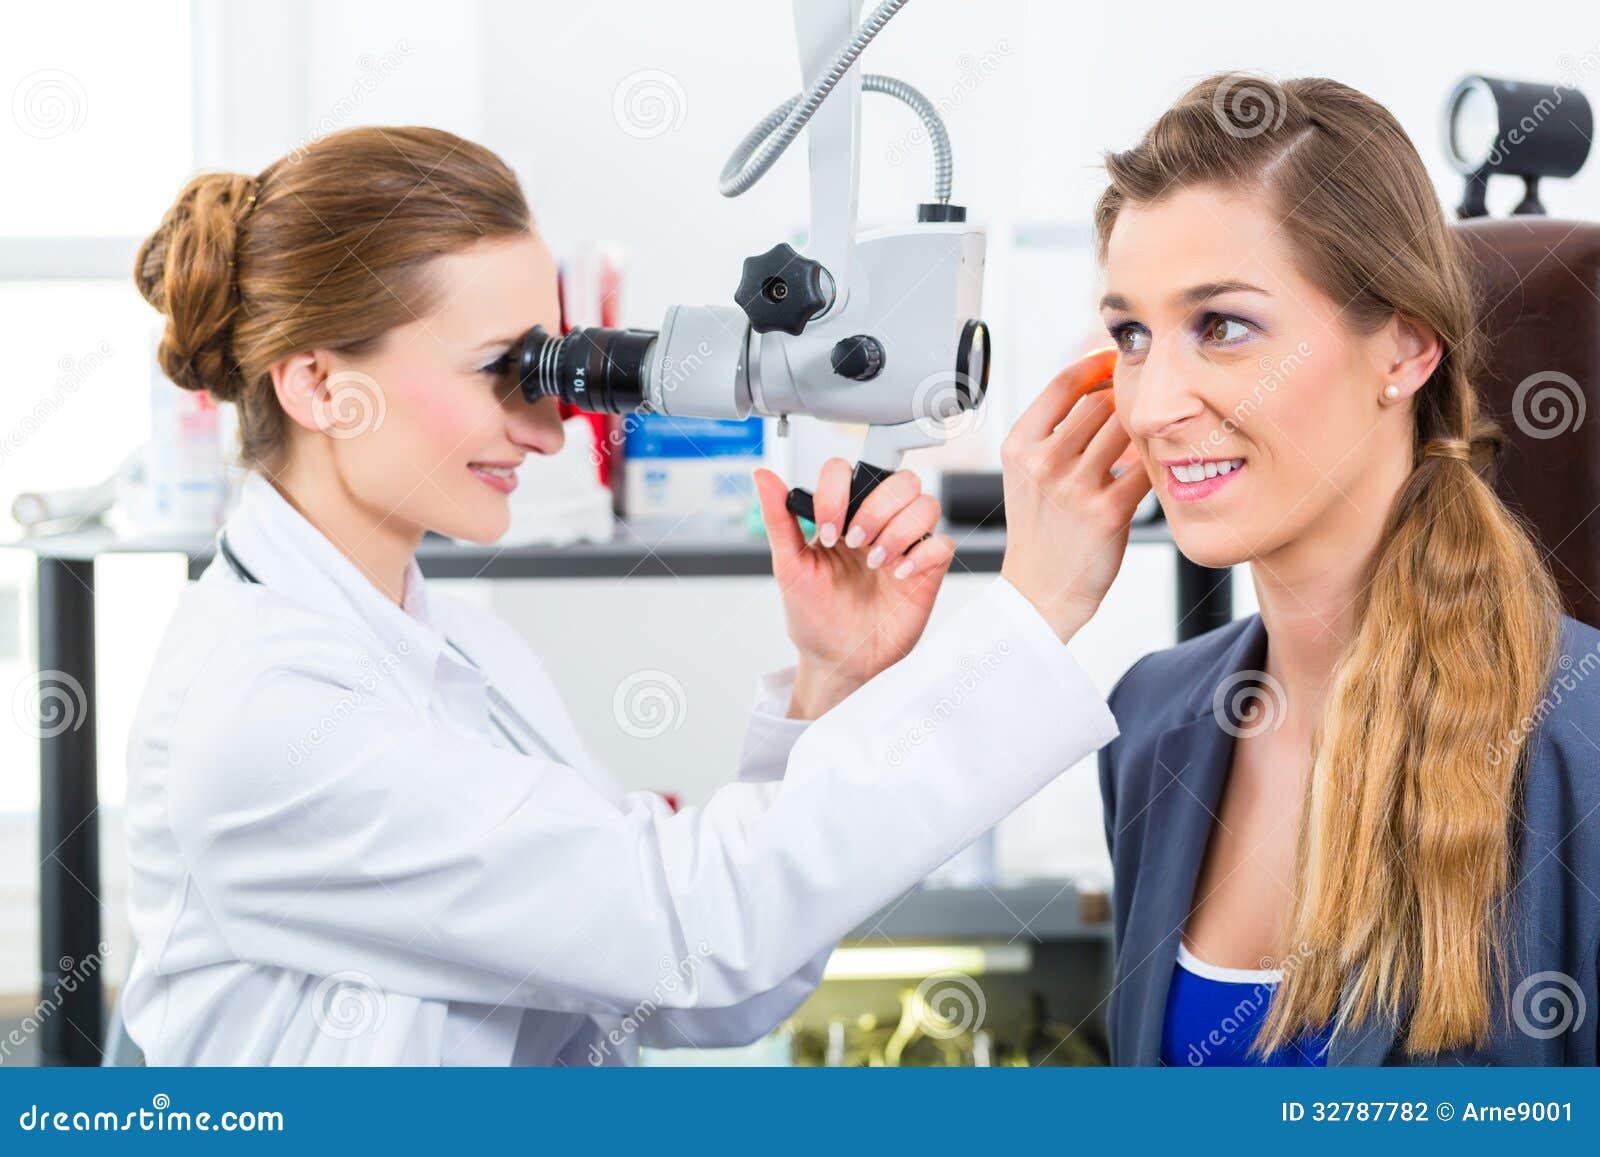 Cystoscopy - Cystoscope - Bladder Exam - Urologist